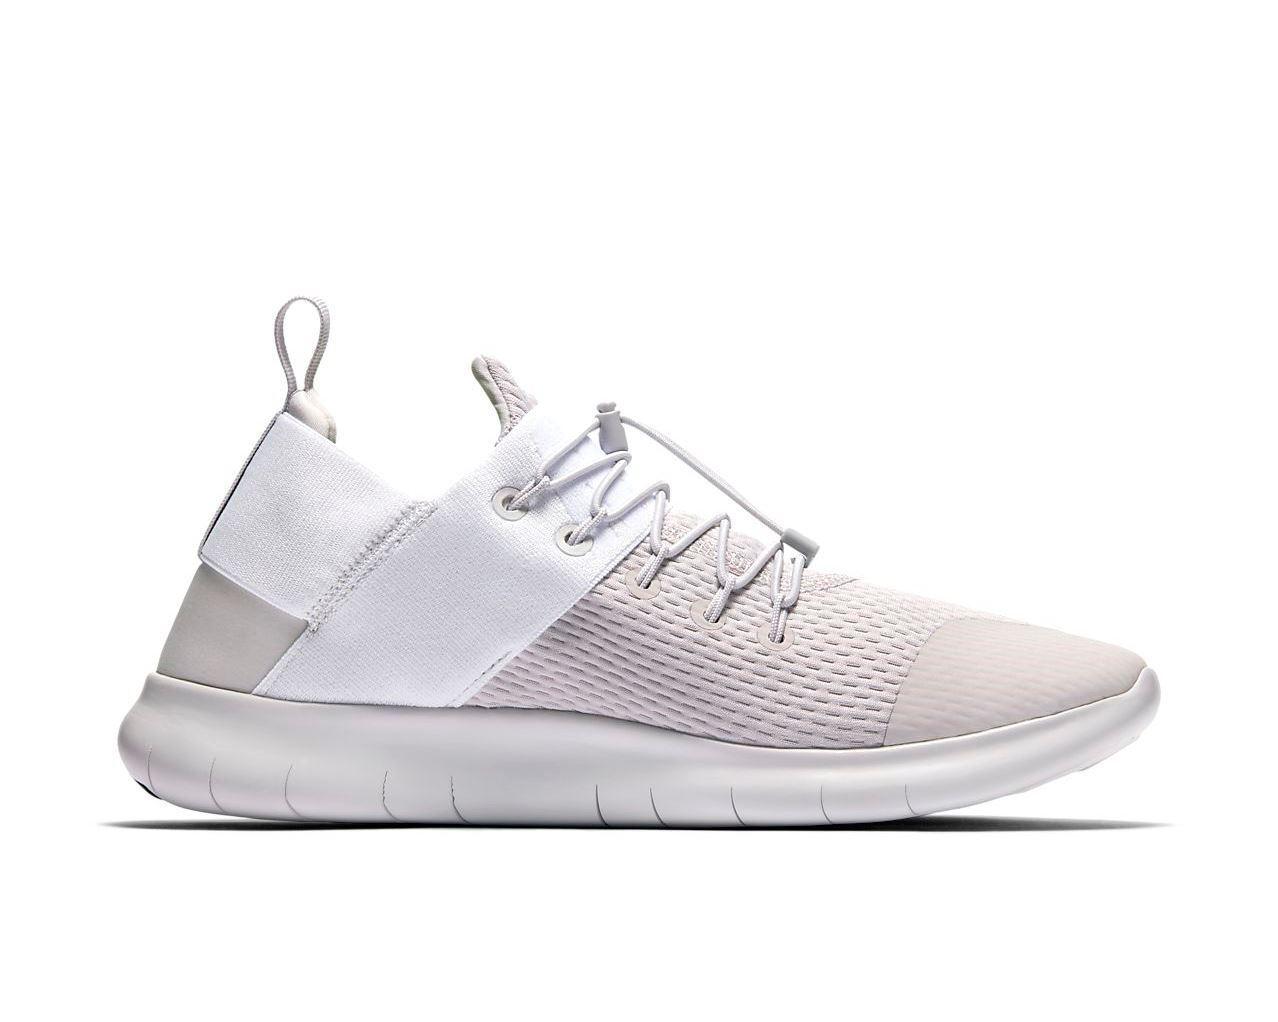 Nuova Mens Nike Free Rn Cmtr 2017 Scarpa da da da Ginnastica di Alta Qualità 880841 | Qualità Eccellente  | Uomini/Donne Scarpa  5d0a62